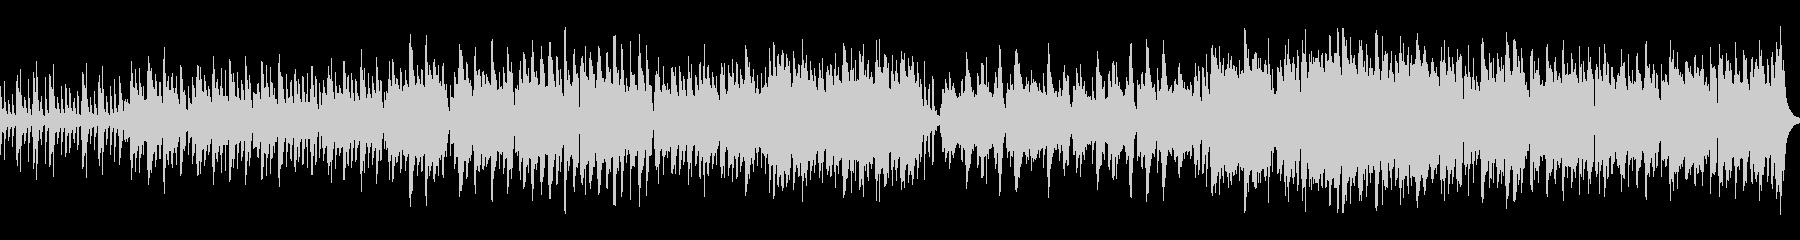 ファンタジーRPG 村や町の曲01の未再生の波形